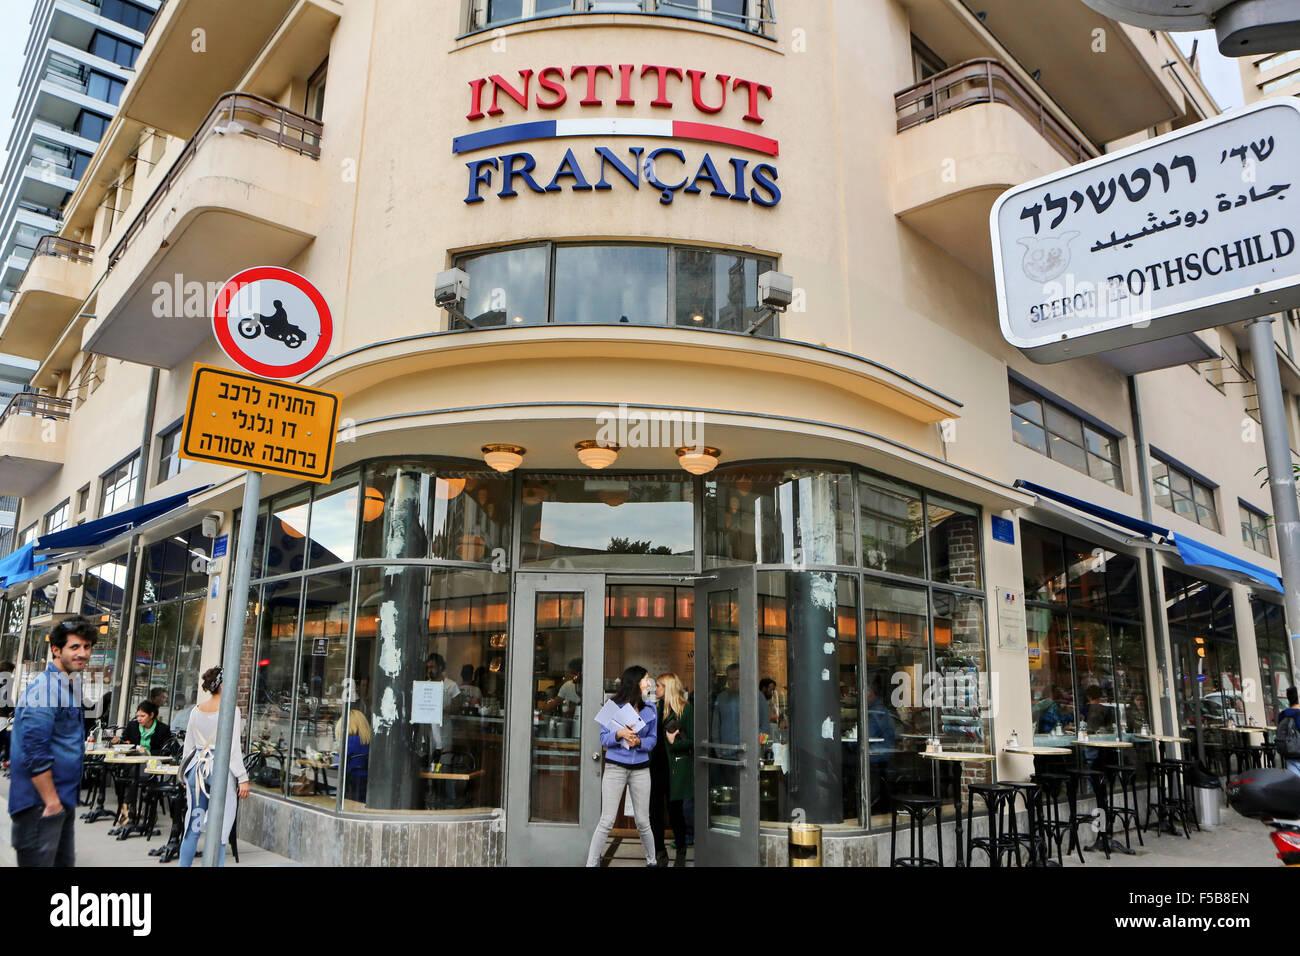 Institut Francais in Rothschild Boulevard, Tel Aviv, Israel - Stock Image